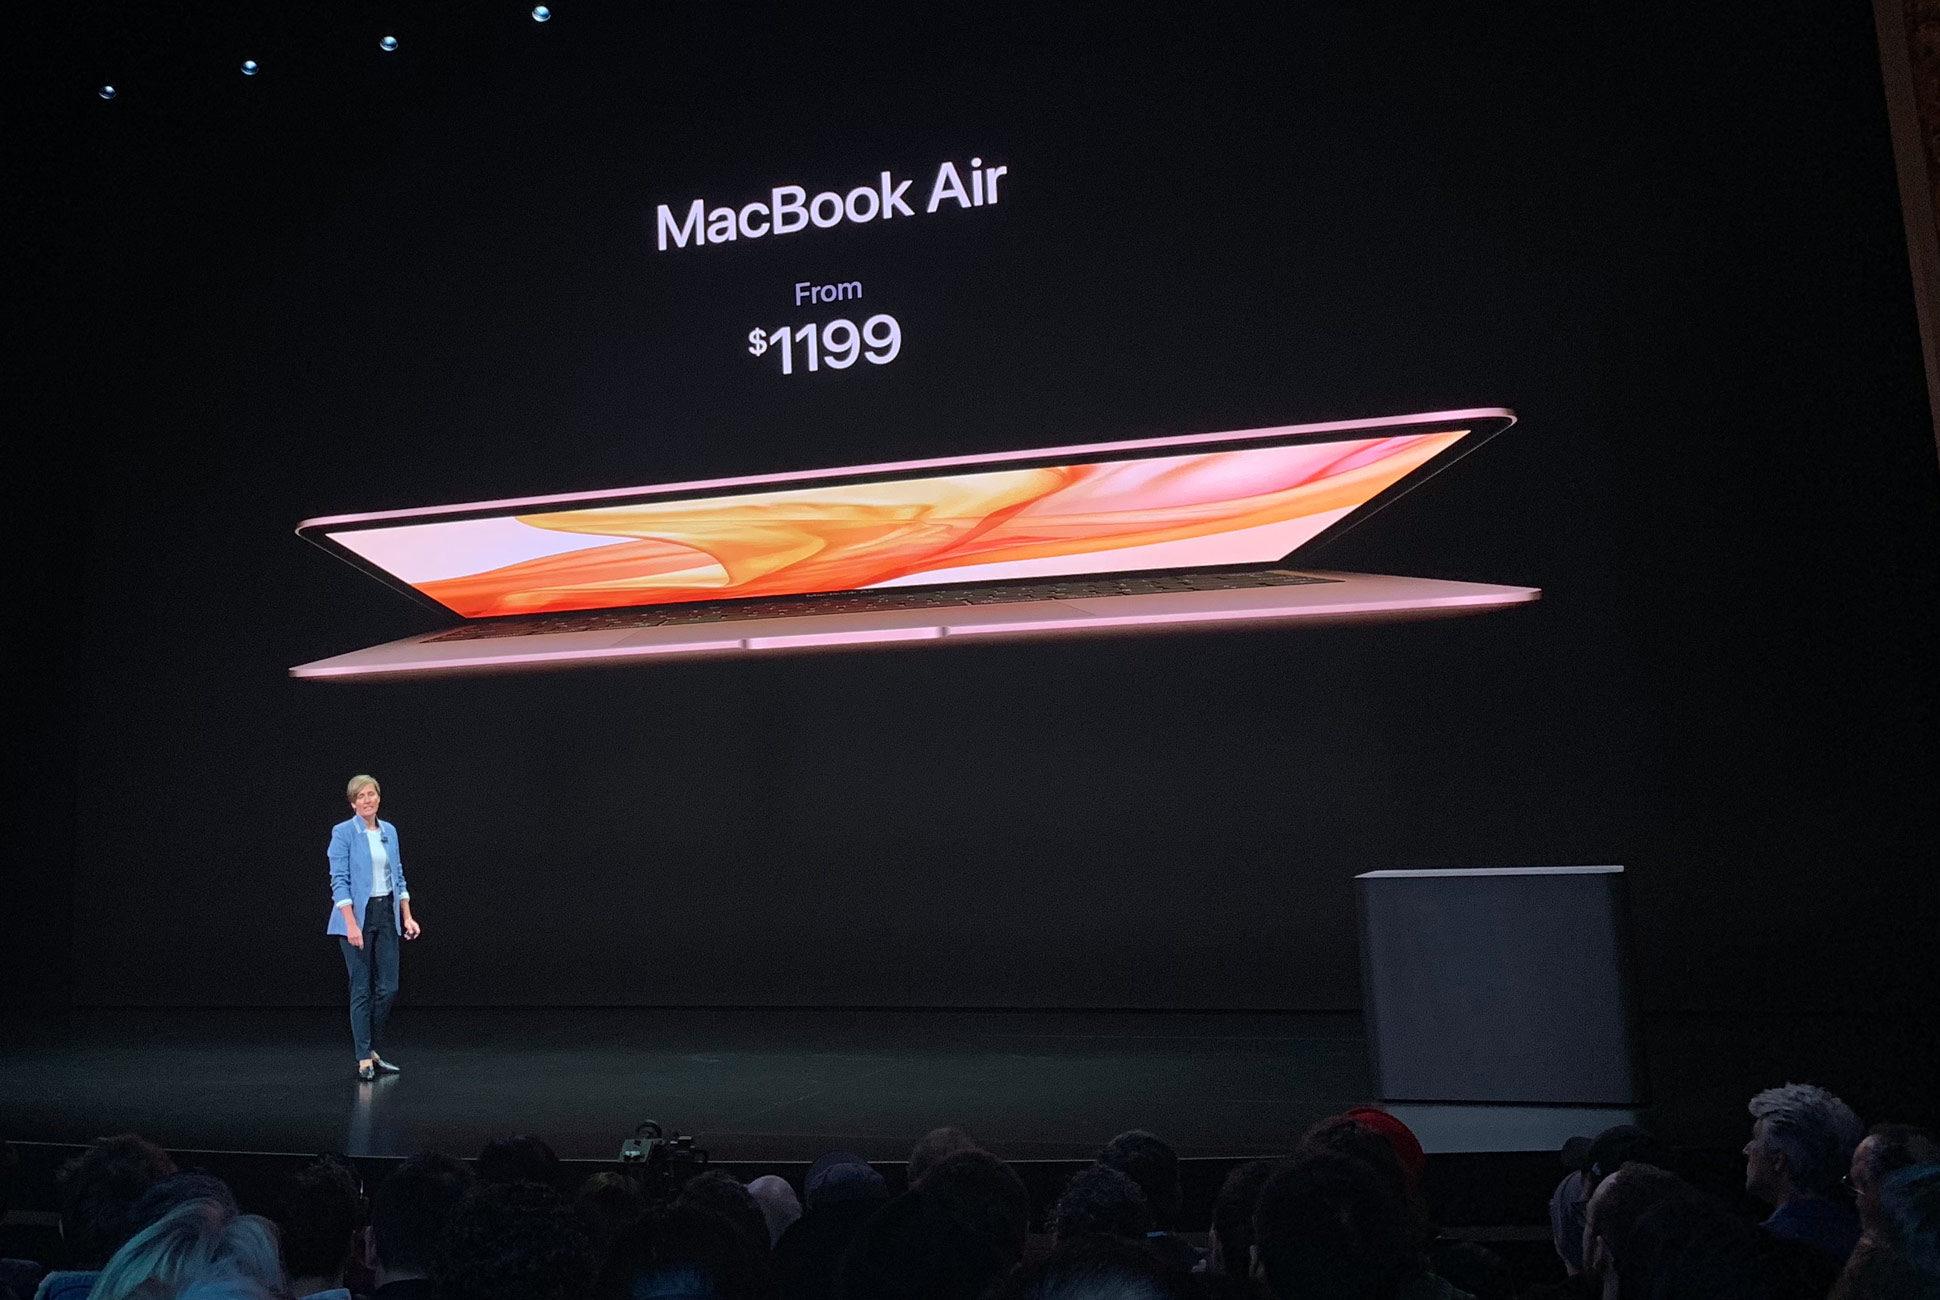 yeni-macbook-air-hakkinda-her-sey-10